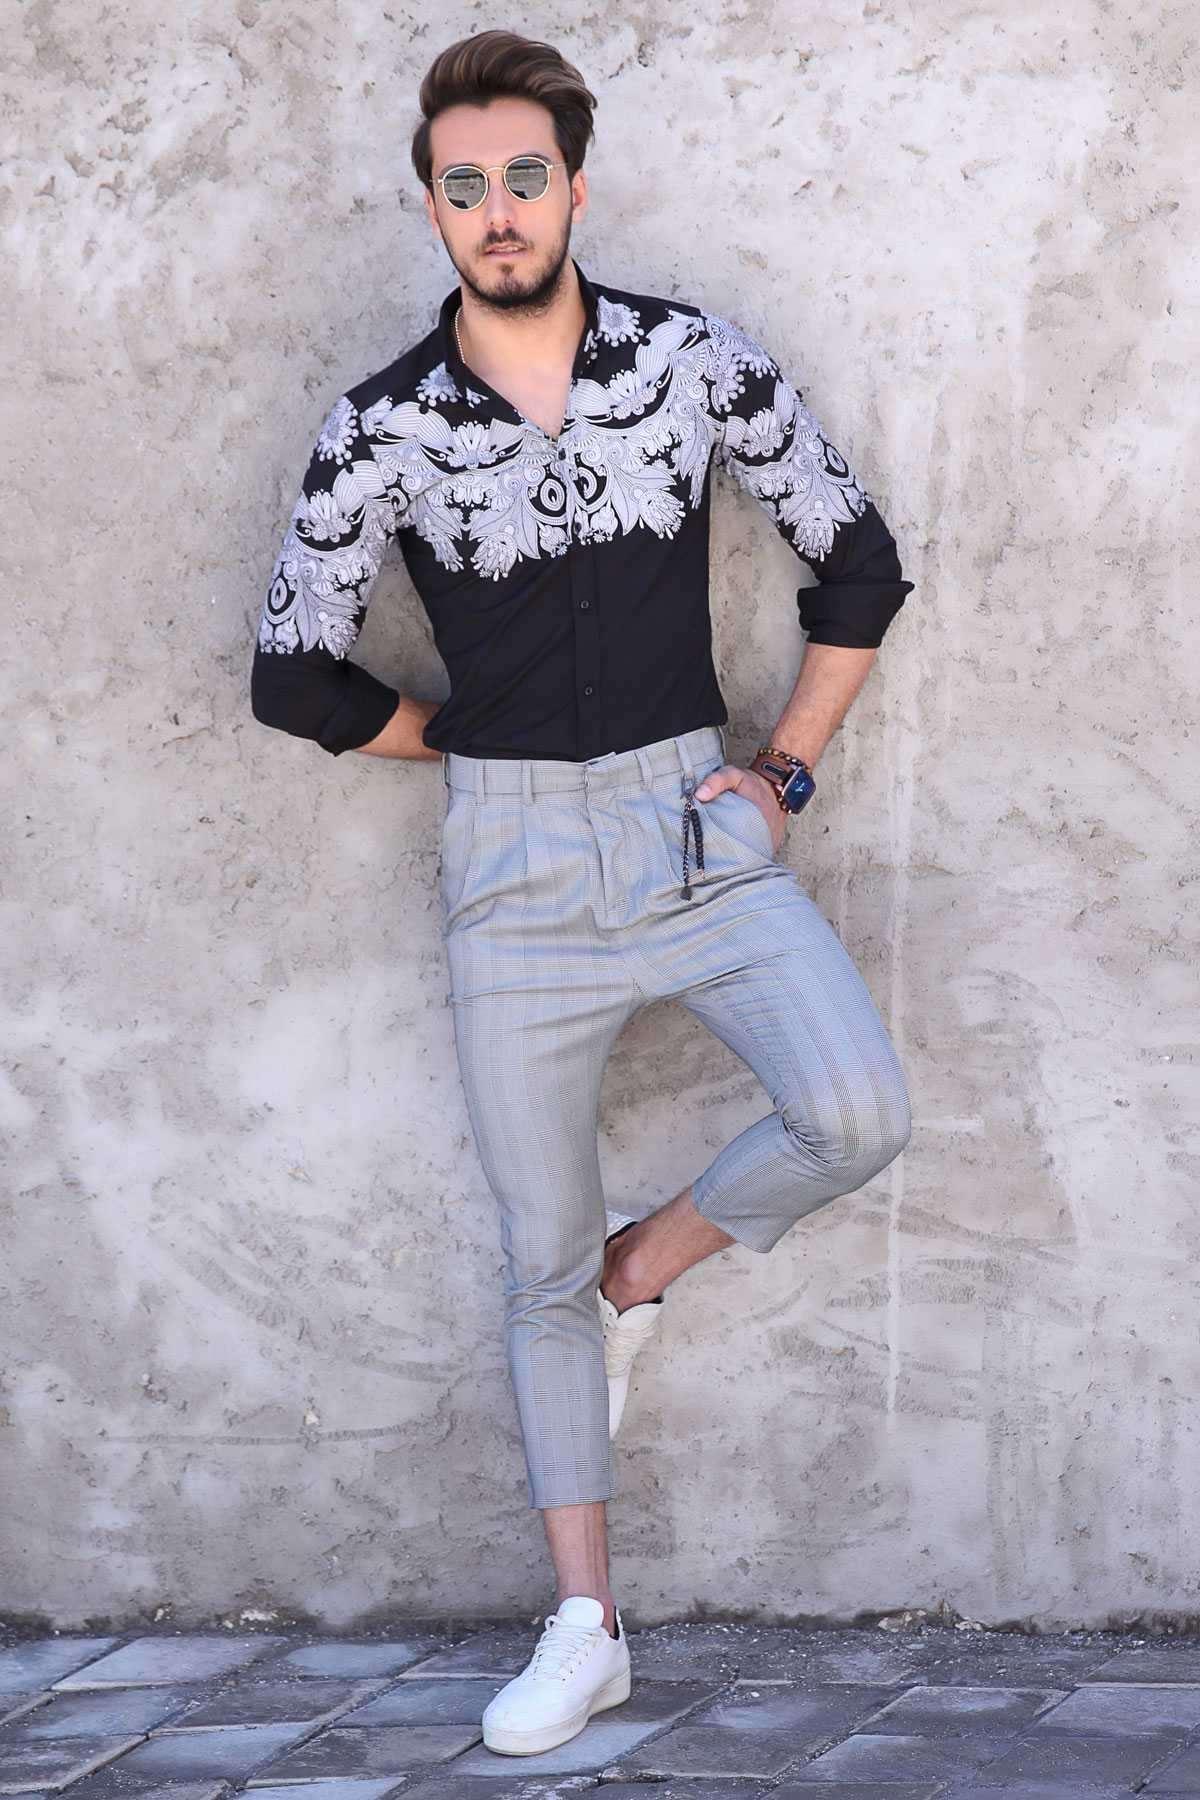 Çizgili Kare Desenli Çift Cep Bilek Boy Pantolon Gri